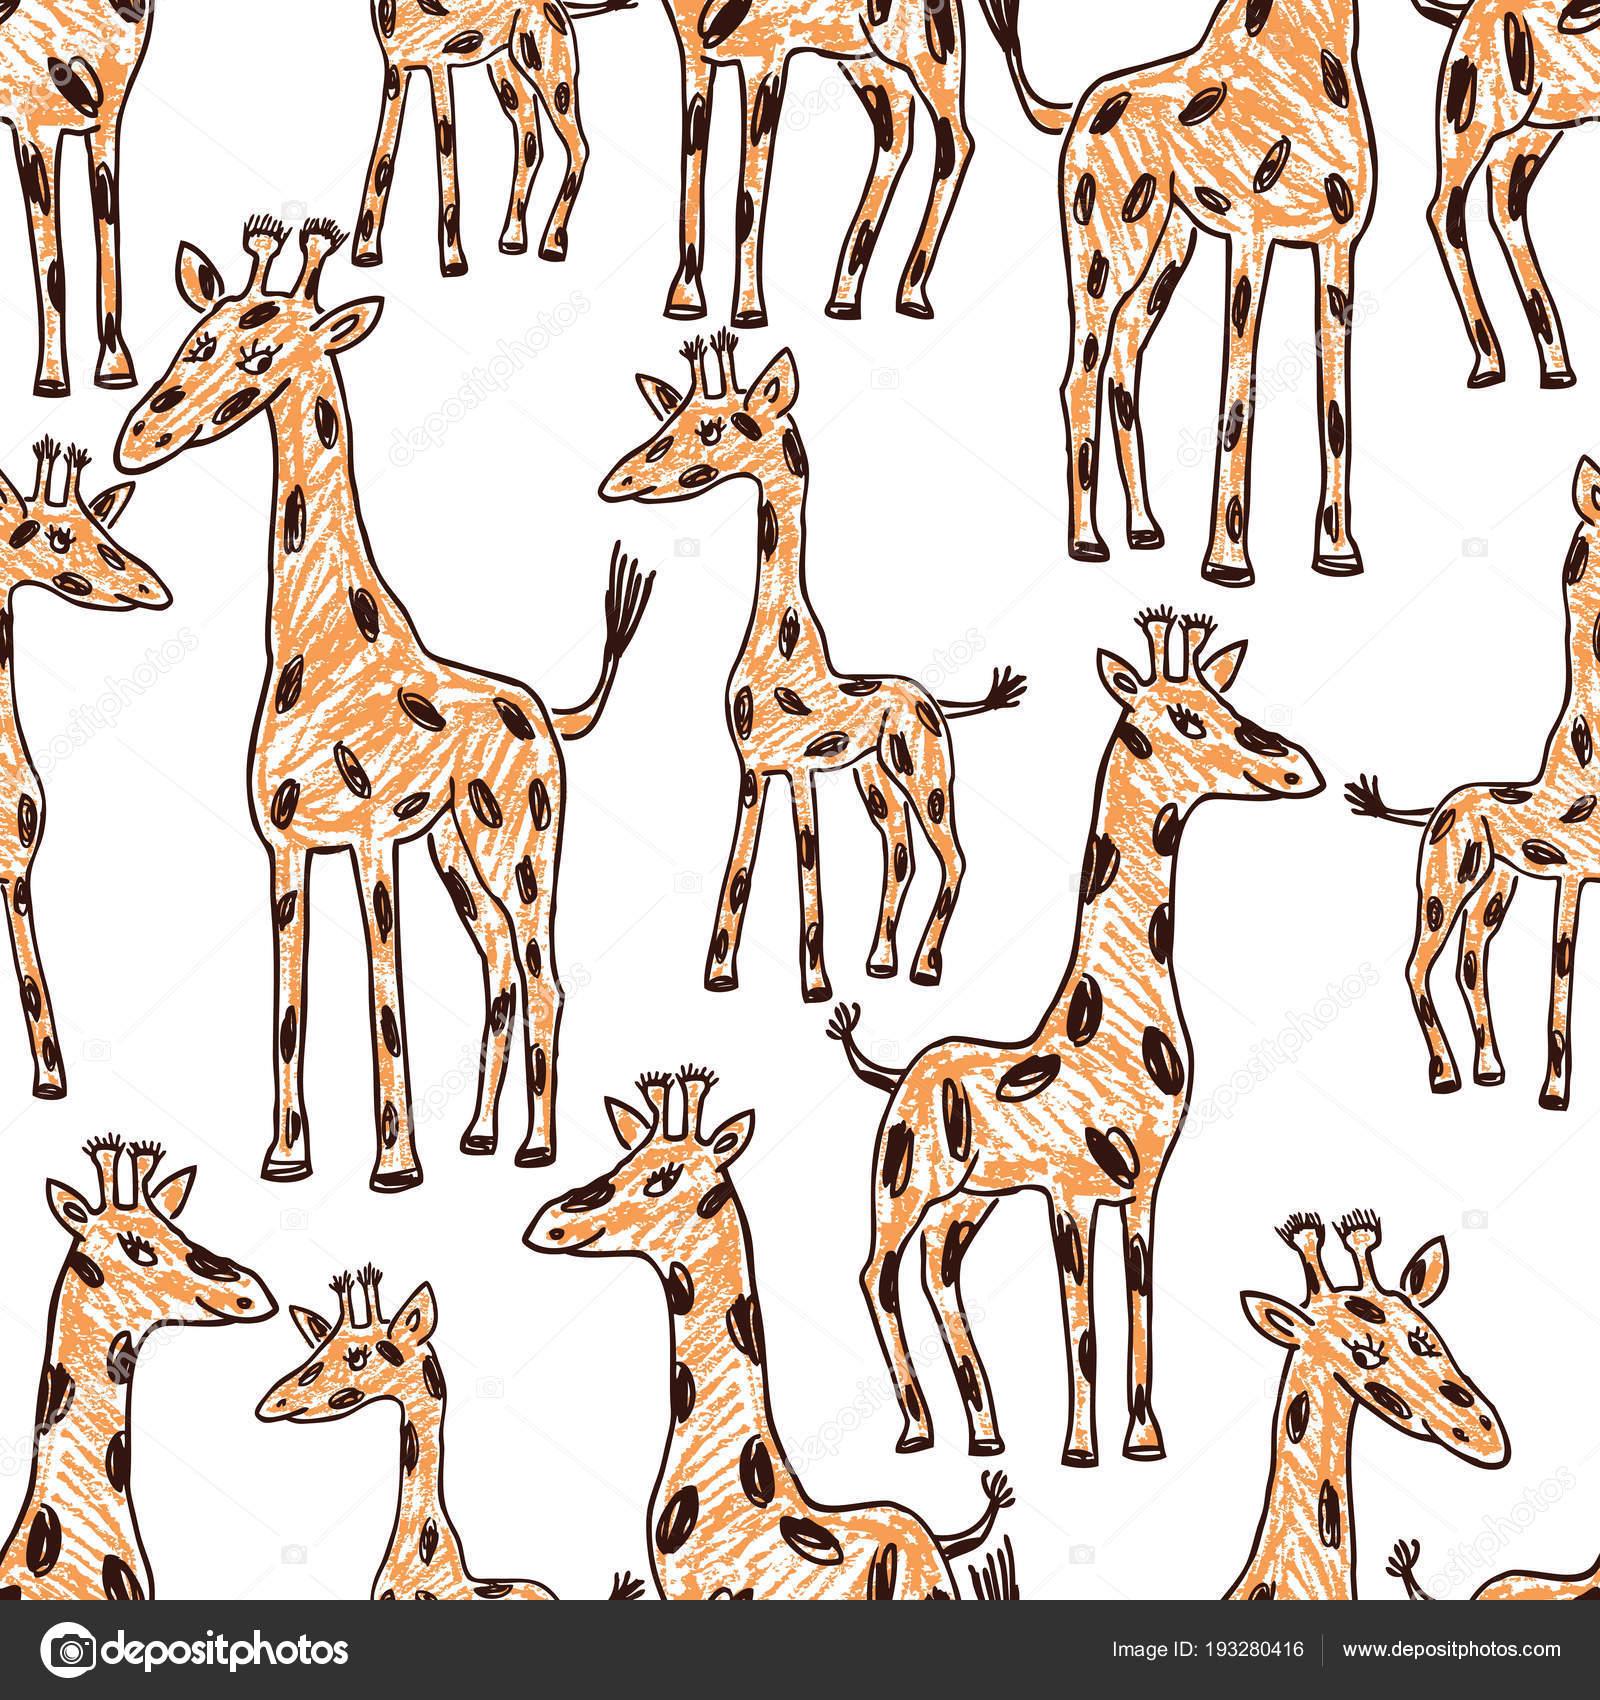 Imágenes: de jirafas dibujadas   Fondo Transparente Las Jirafas ...